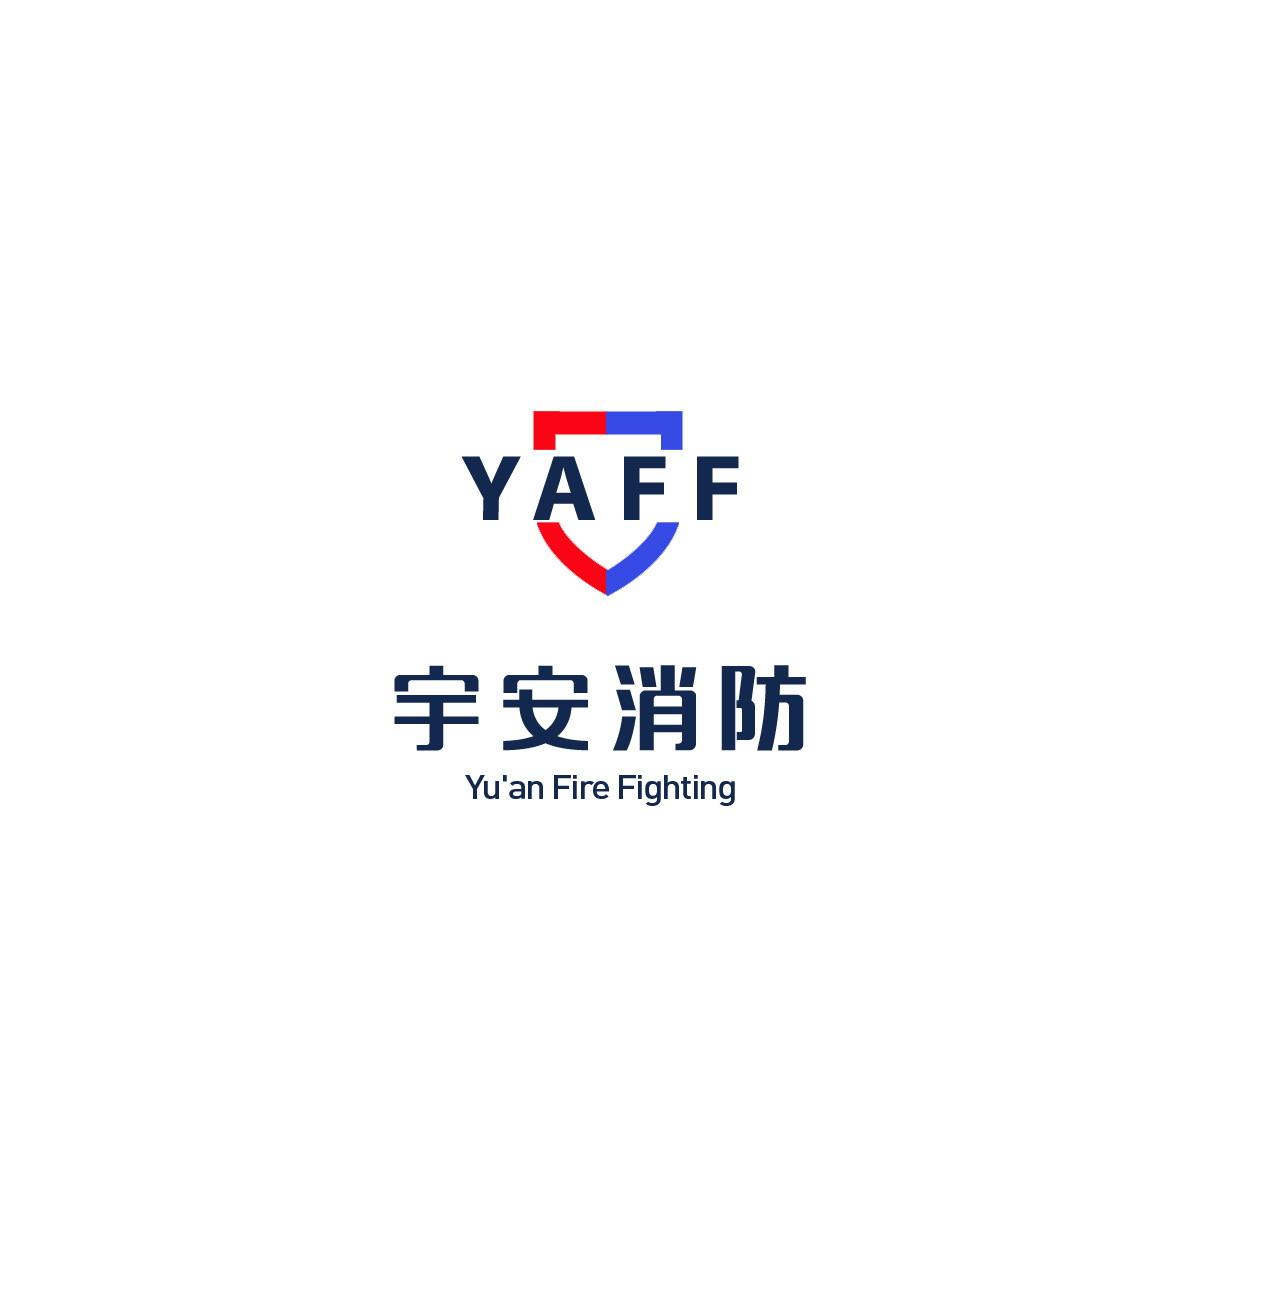 武汉宇安消防安全设备有限公司